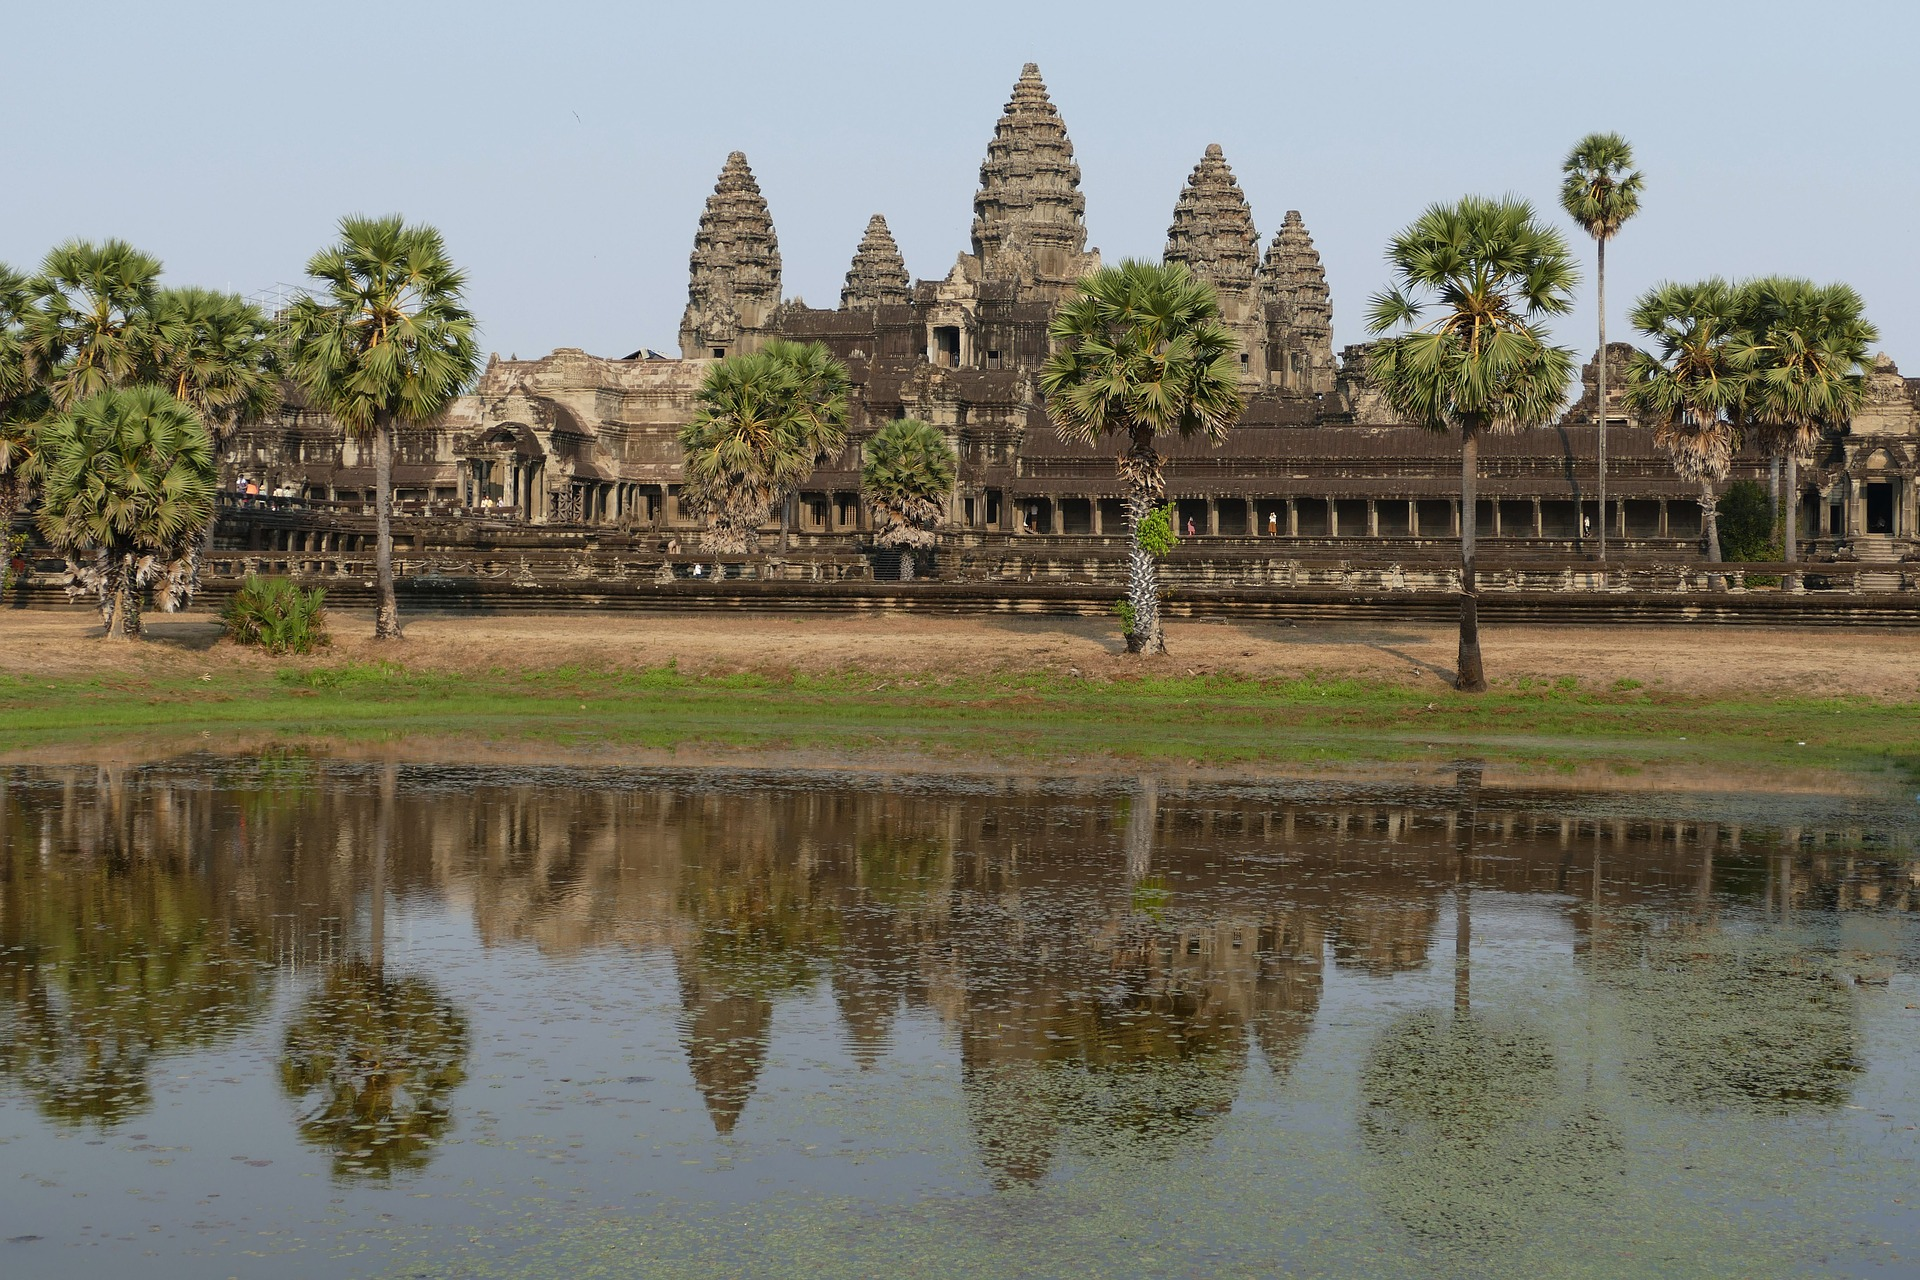 СТРЕЛЕЦ<br /> <br /> Пълни с ненаситна страст, Стрелците са винаги готови за откриване на нови светове и познания. Астролозите твърдят, че хората от този зодиакален знак са любители на философията, мистиката и изучаването на древните култури, което означава, че те ще могат да утолят жаждата си в Ангкор Ват, Камбоджа -един от най-големите религиозни паметници в света. Първоначално построен като хиндуистки храм, посветен на бог Вишну от Кхмерската империя, градът постепенно се превръща в будистки храм в края на 12 век. С толкова много разпръснати храмови комплекси, Ангкор предлага достатъчно пространство, в което Стрелецът да се скита, да изследва и да прави това, което може най-добре – да бъде свободен!